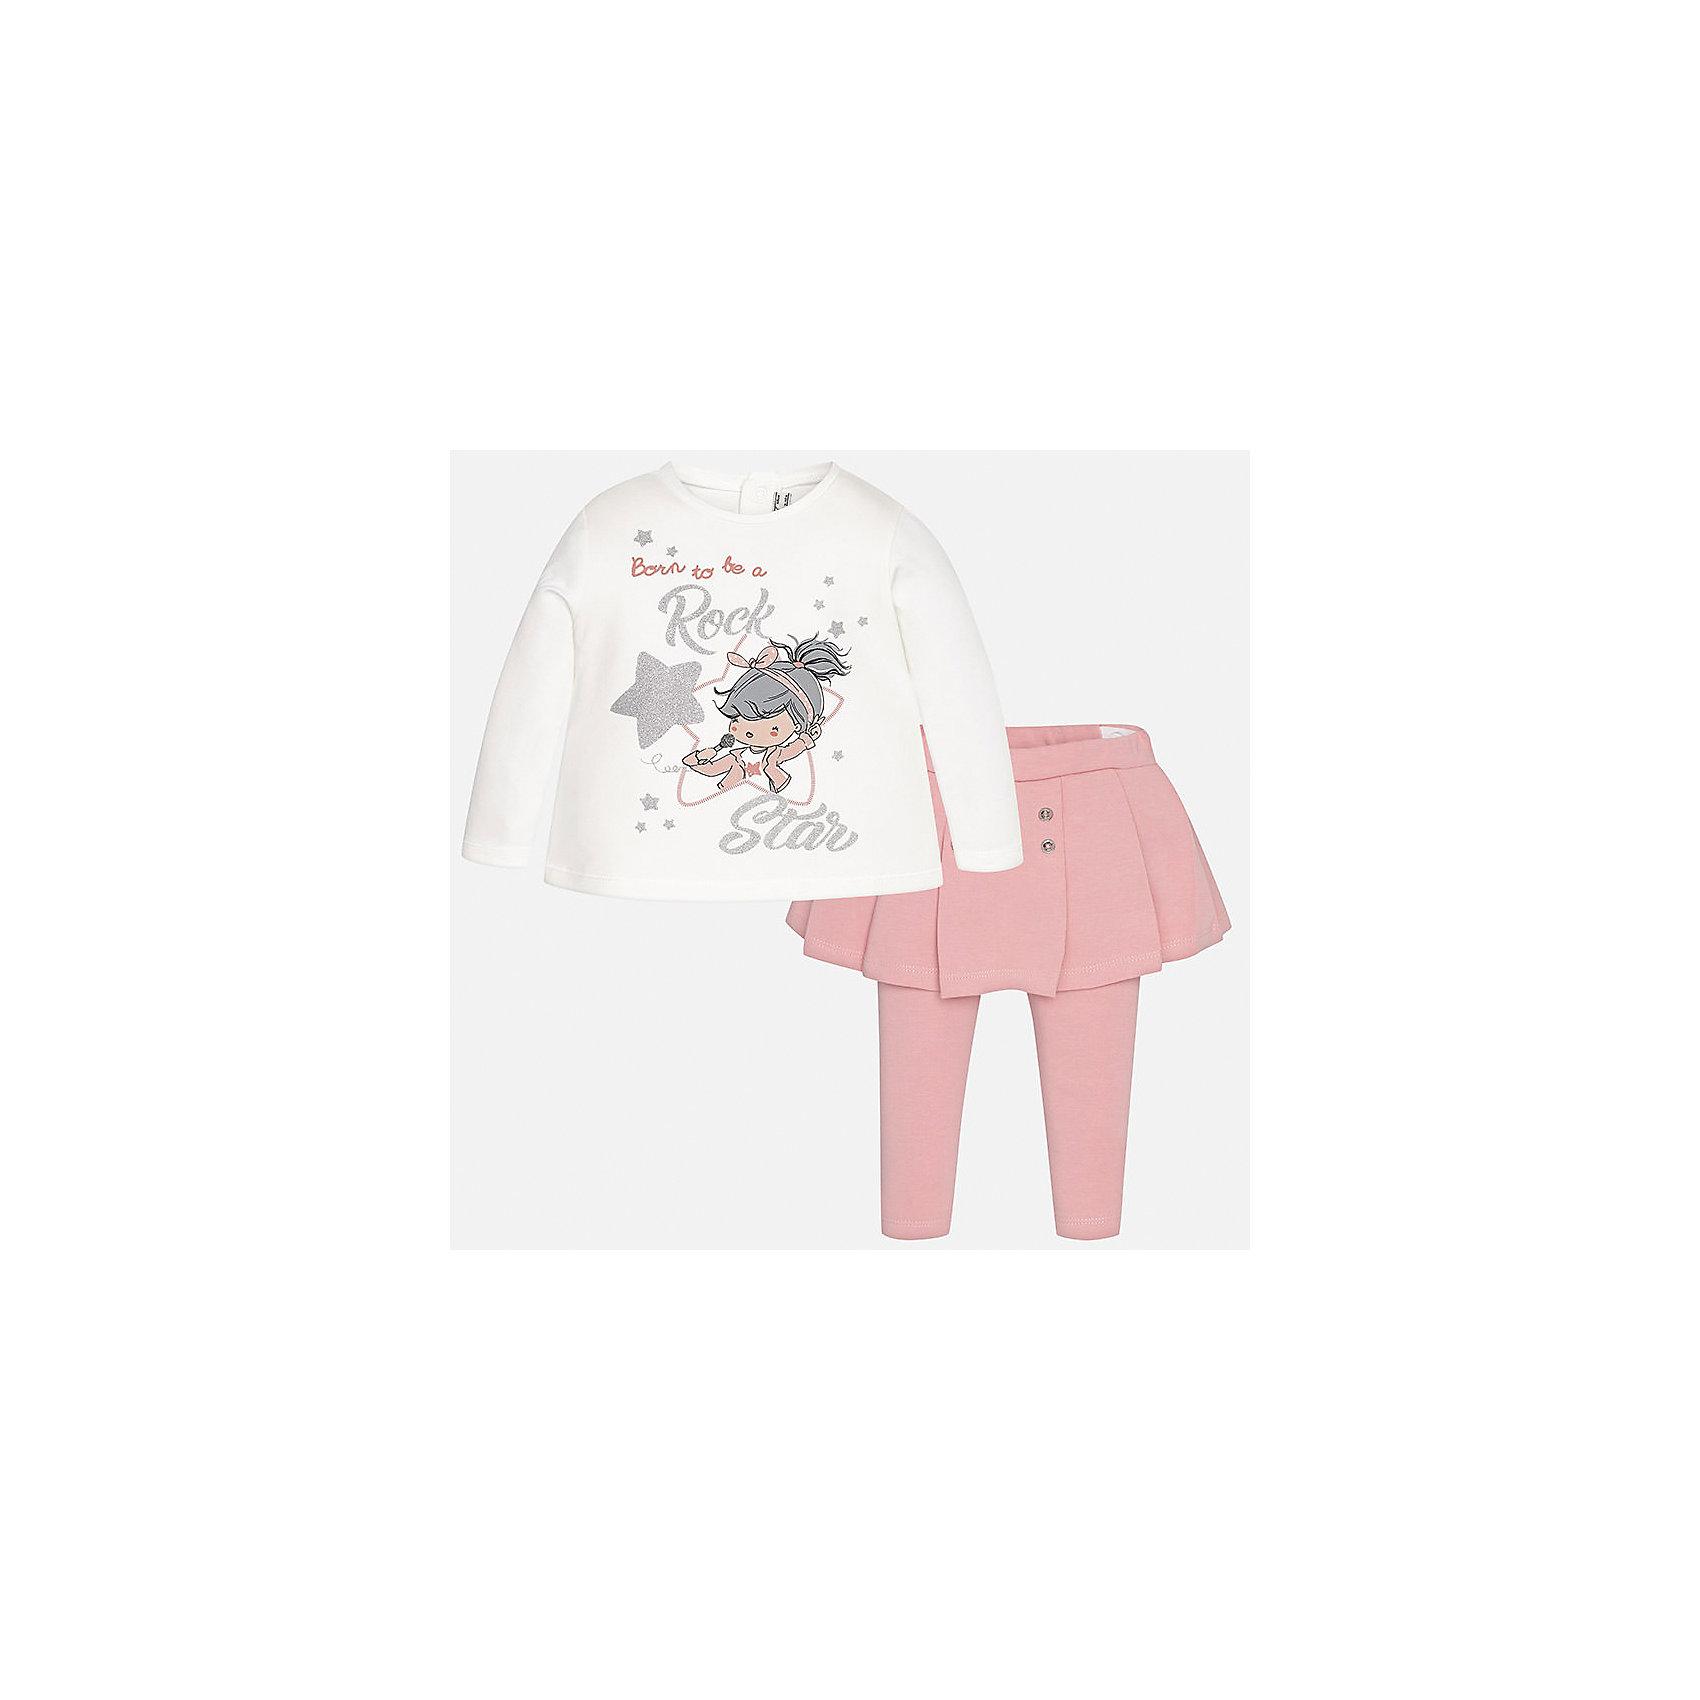 Комплект: блузка и леггинсы Mayoral для девочкиКомплекты<br>Характеристики товара:<br><br>• цвет: розовый<br>• состав ткани: 92% хлопок, 8% эластан<br>• комплект: лонгслив и леггинсы<br>• сезон: демисезон<br>• особенности: принт с блестками<br>• пояс: резинка<br>• длинные рукава<br>• застежка: кнопки<br>• страна бренда: Испания<br>• страна изготовитель: Индия<br><br>Удобный детский комплект из лонгслива и леггинсов подойдет для любых мероприятий. Отличный способ обеспечить ребенку комфорт - надеть детские лонгслив и леггинсы от Mayoral. Детские леггинсы с юбкой сшиты из приятного на ощупь материала. Лонгслив для девочки удобно сидит по фигуре. <br><br>Комплект: лонгслив и леггинсы для девочки Mayoral (Майорал) можно купить в нашем интернет-магазине.<br><br>Ширина мм: 123<br>Глубина мм: 10<br>Высота мм: 149<br>Вес г: 209<br>Цвет: розовый<br>Возраст от месяцев: 24<br>Возраст до месяцев: 36<br>Пол: Женский<br>Возраст: Детский<br>Размер: 98,74,80,86,92<br>SKU: 6920571